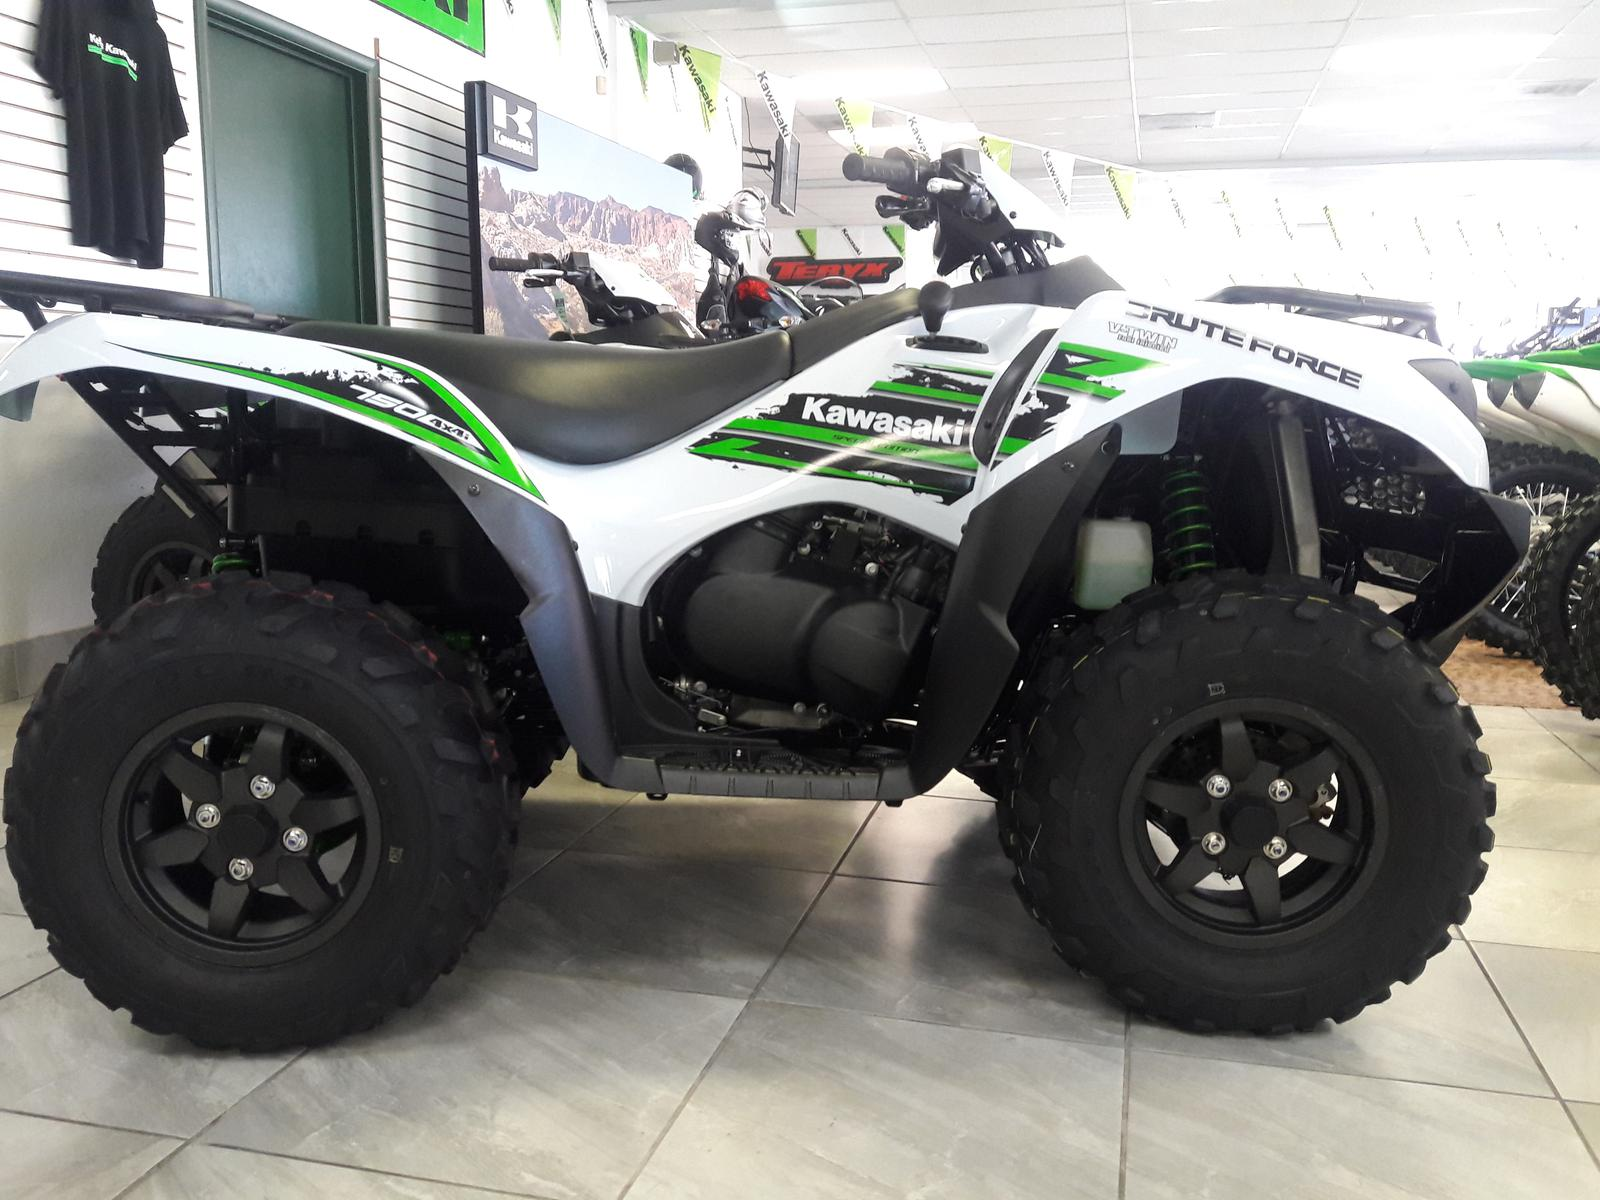 2018 Kawasaki Brute Force 750 4x4i EPS for sale in Mesa, AZ. Kelly's